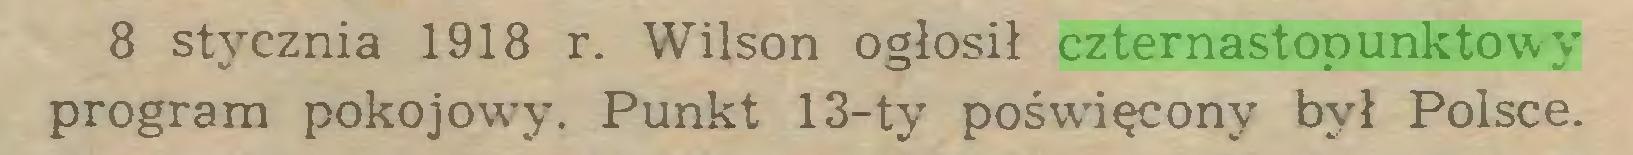 (...) 8 stycznia 1918 r. Wilson ogłosił czternastopunktowy program pokojowy. Punkt 13-ty poświęcony był Polsce...